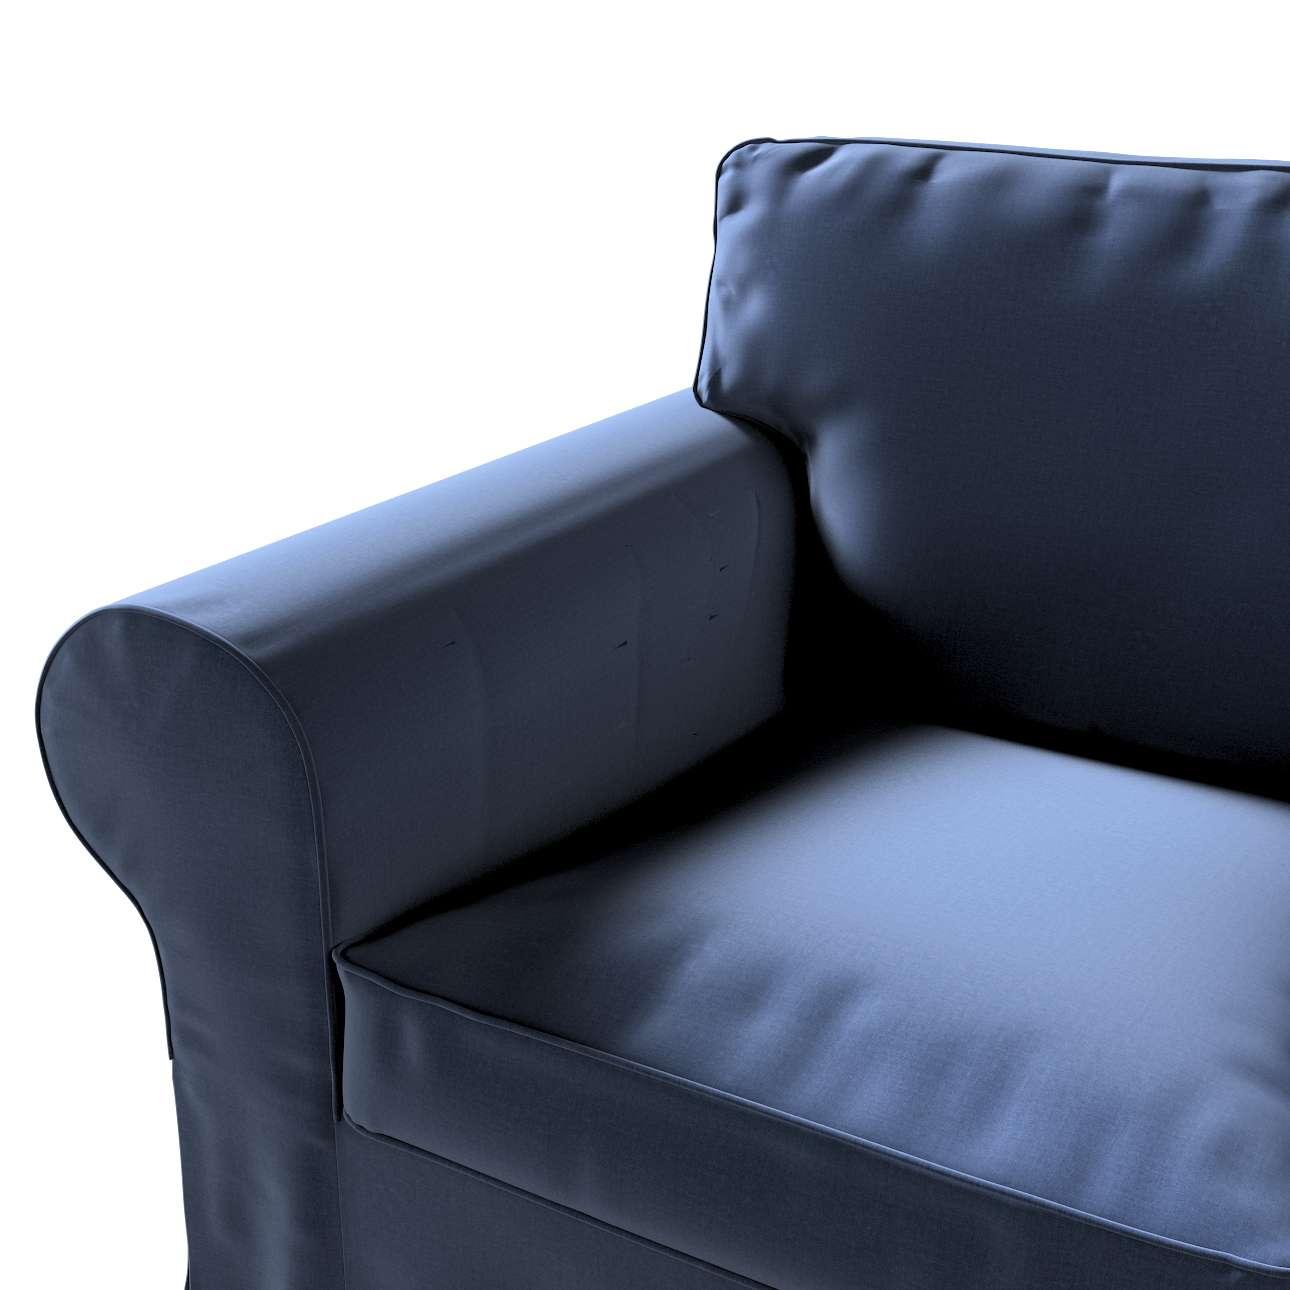 Bezug für Ektorp Sessel von der Kollektion Ingrid, Stoff: 705-39